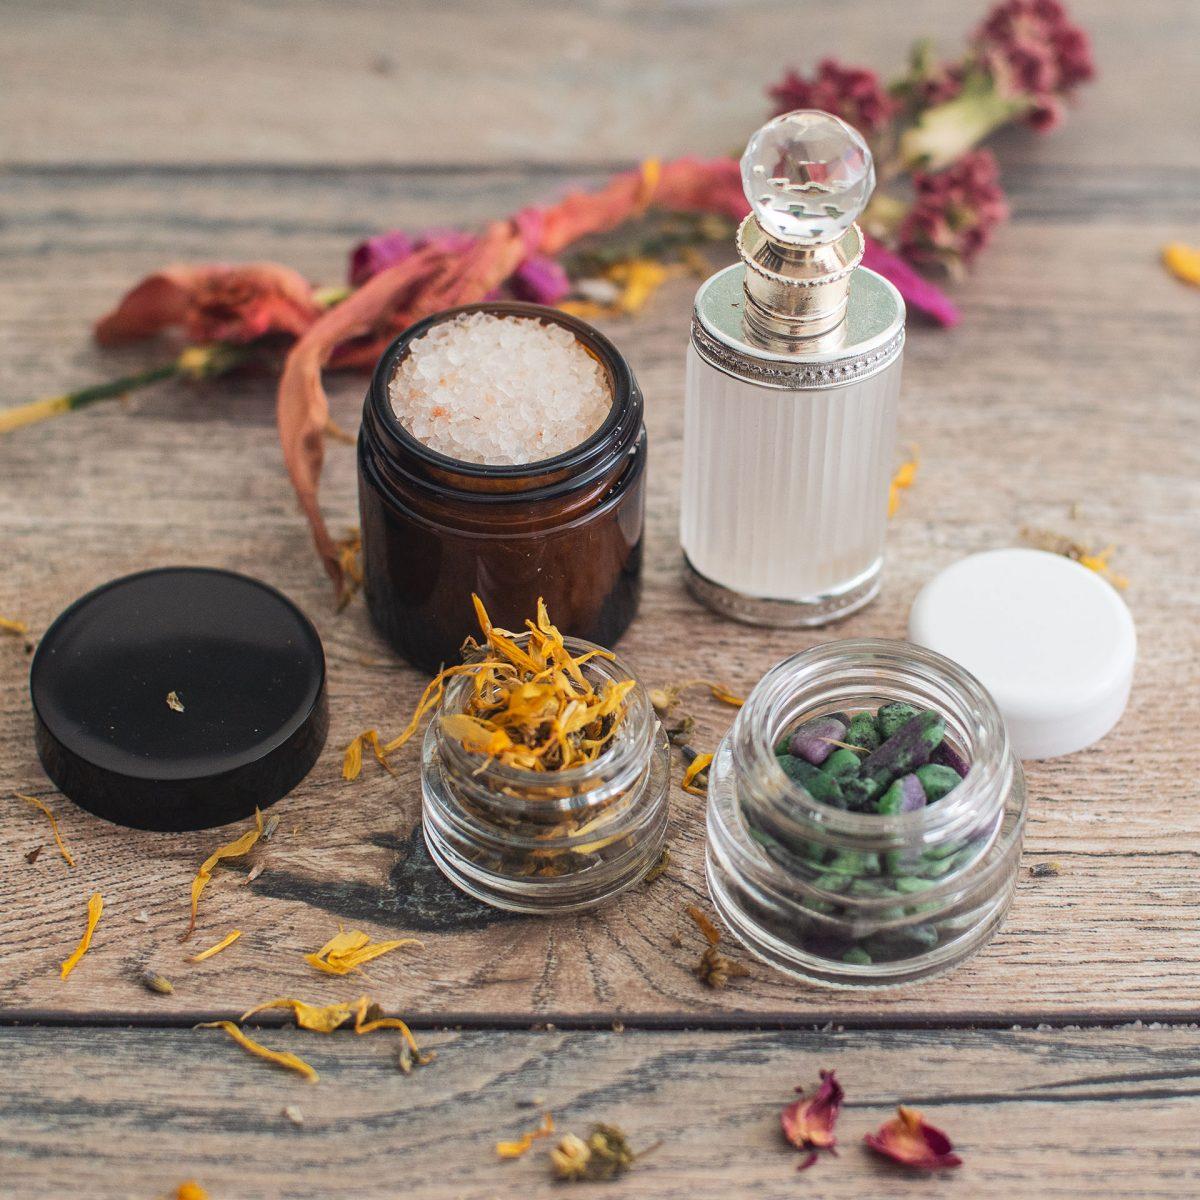 The Parfumerie Jars